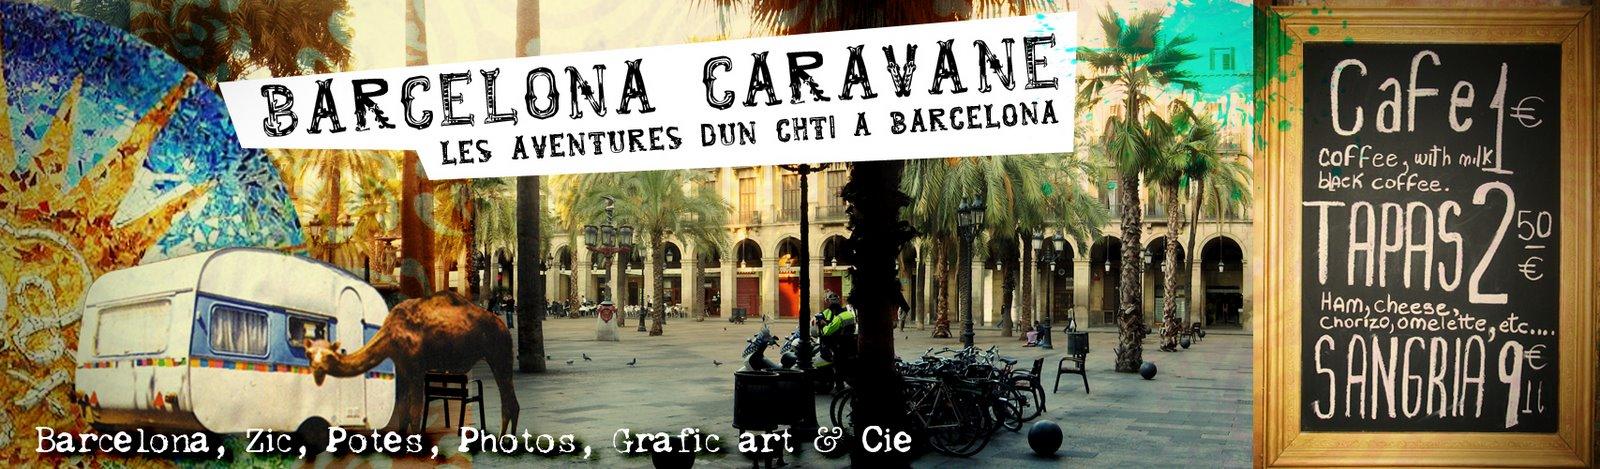 Un chtimi a Barcelona!